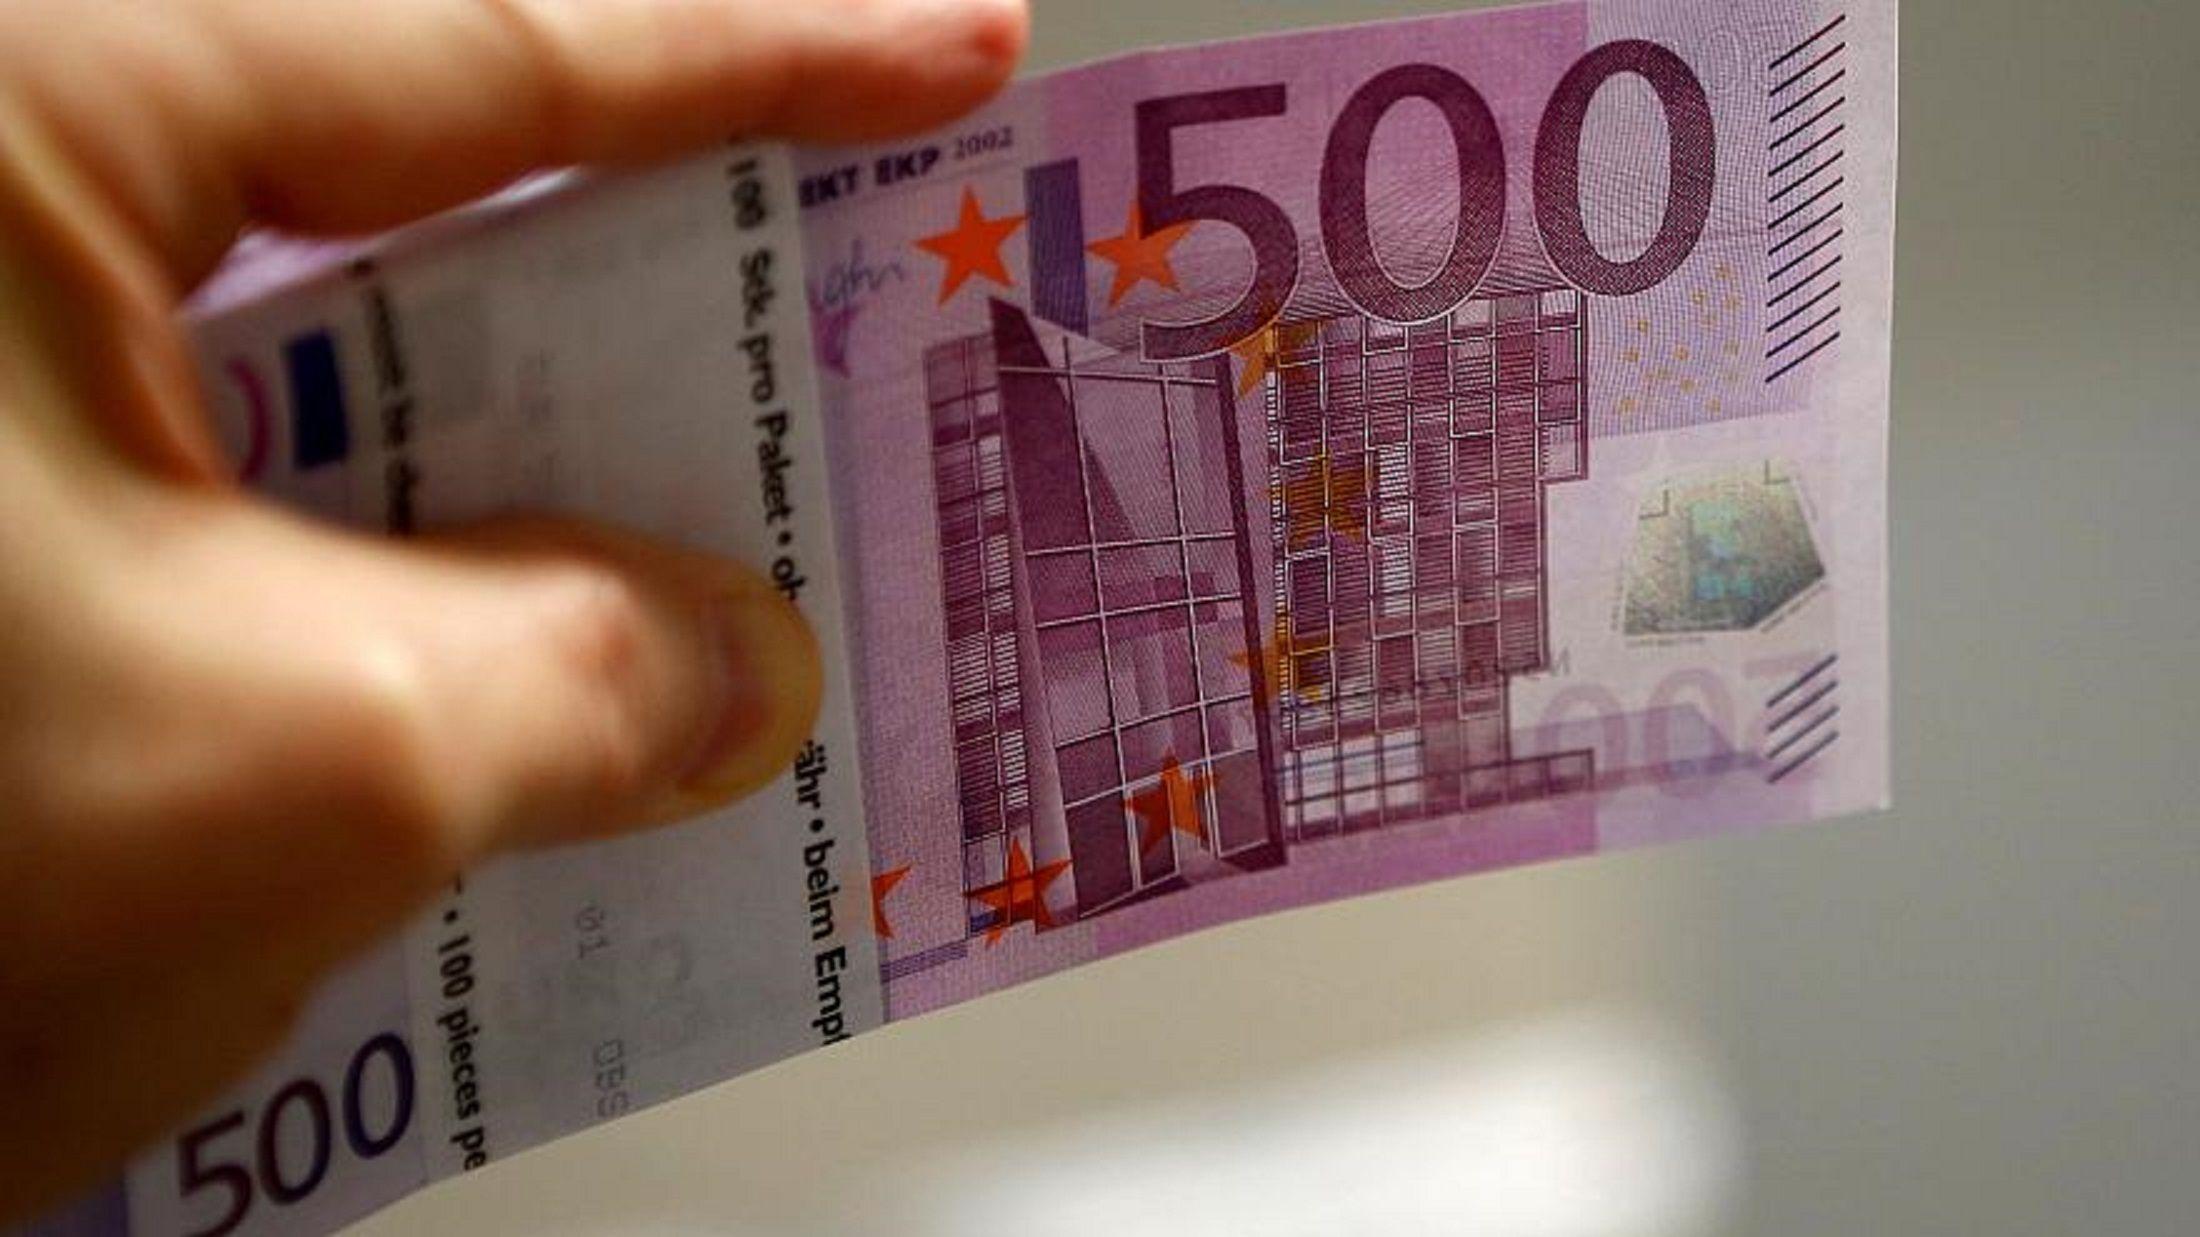 Europa dejó de emitir los billetes de 500 euros para evitar el lavado de dinero